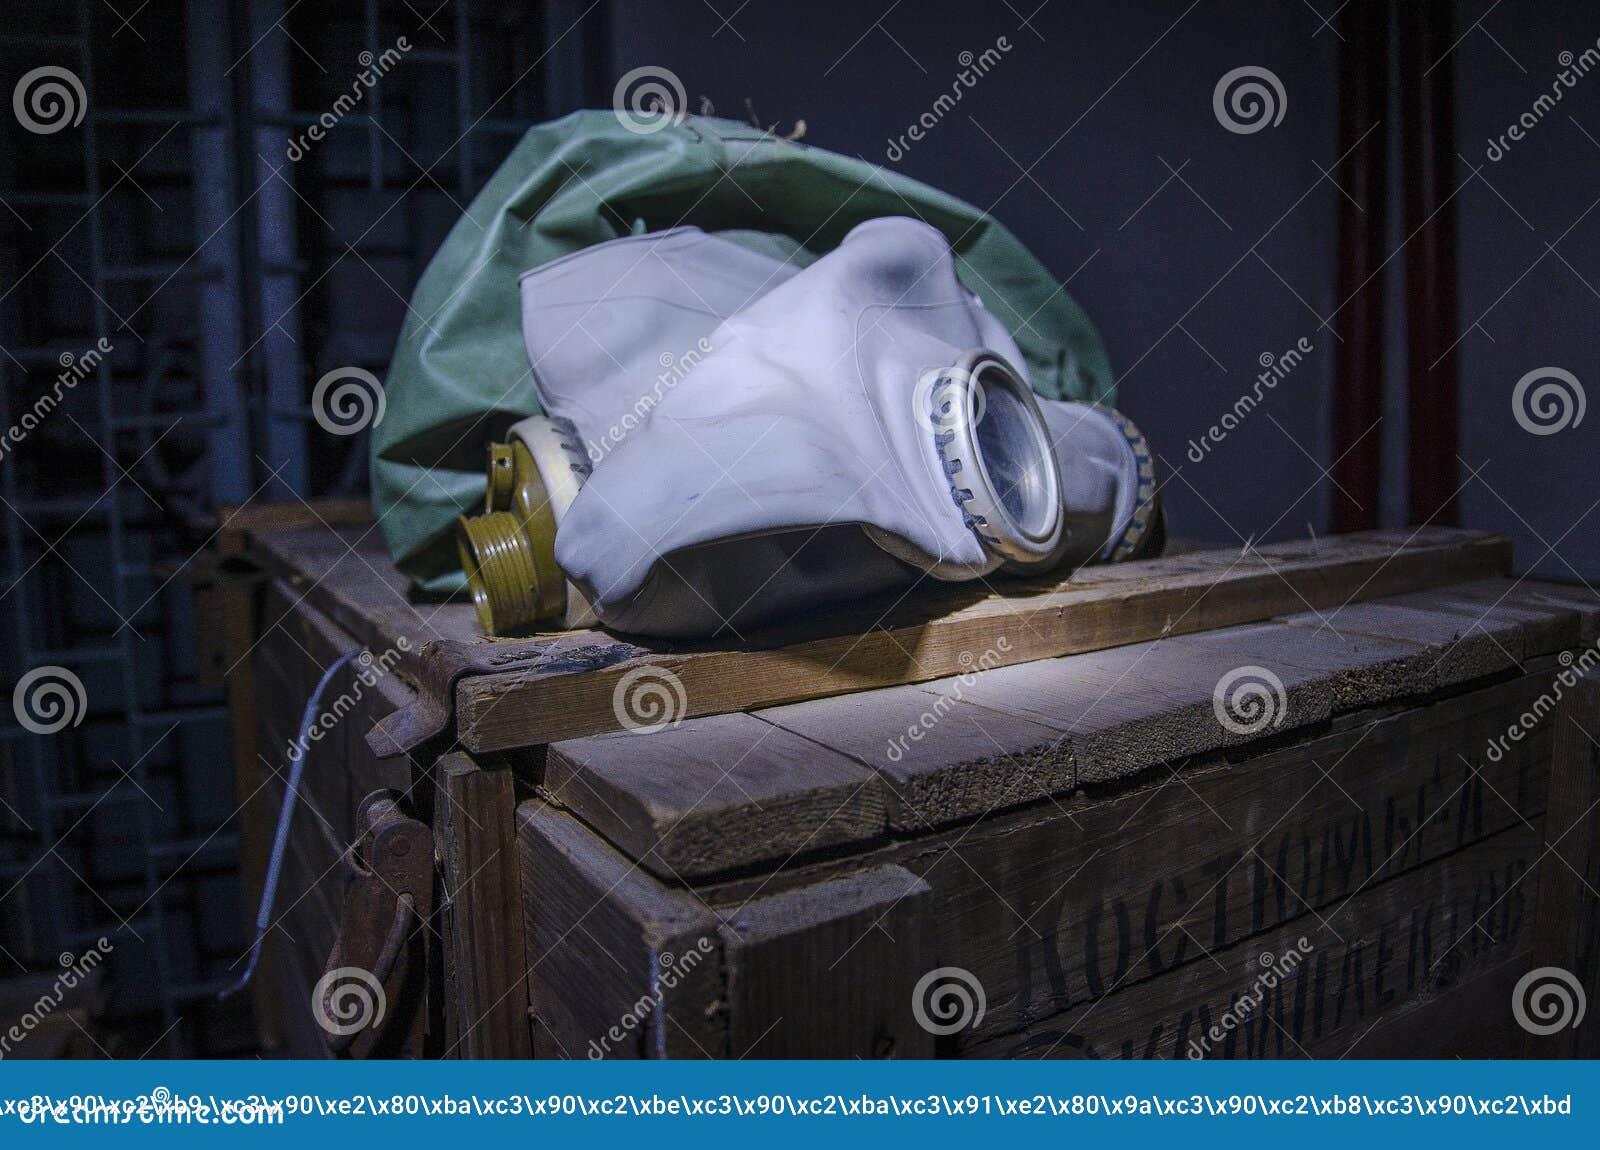 Παλαιό, βιομηχανικό σύστημα φίλτρο-εξαερισμού, στο υπόγειο ενός εγκαταλειμμένου καταφυγίου βομβών